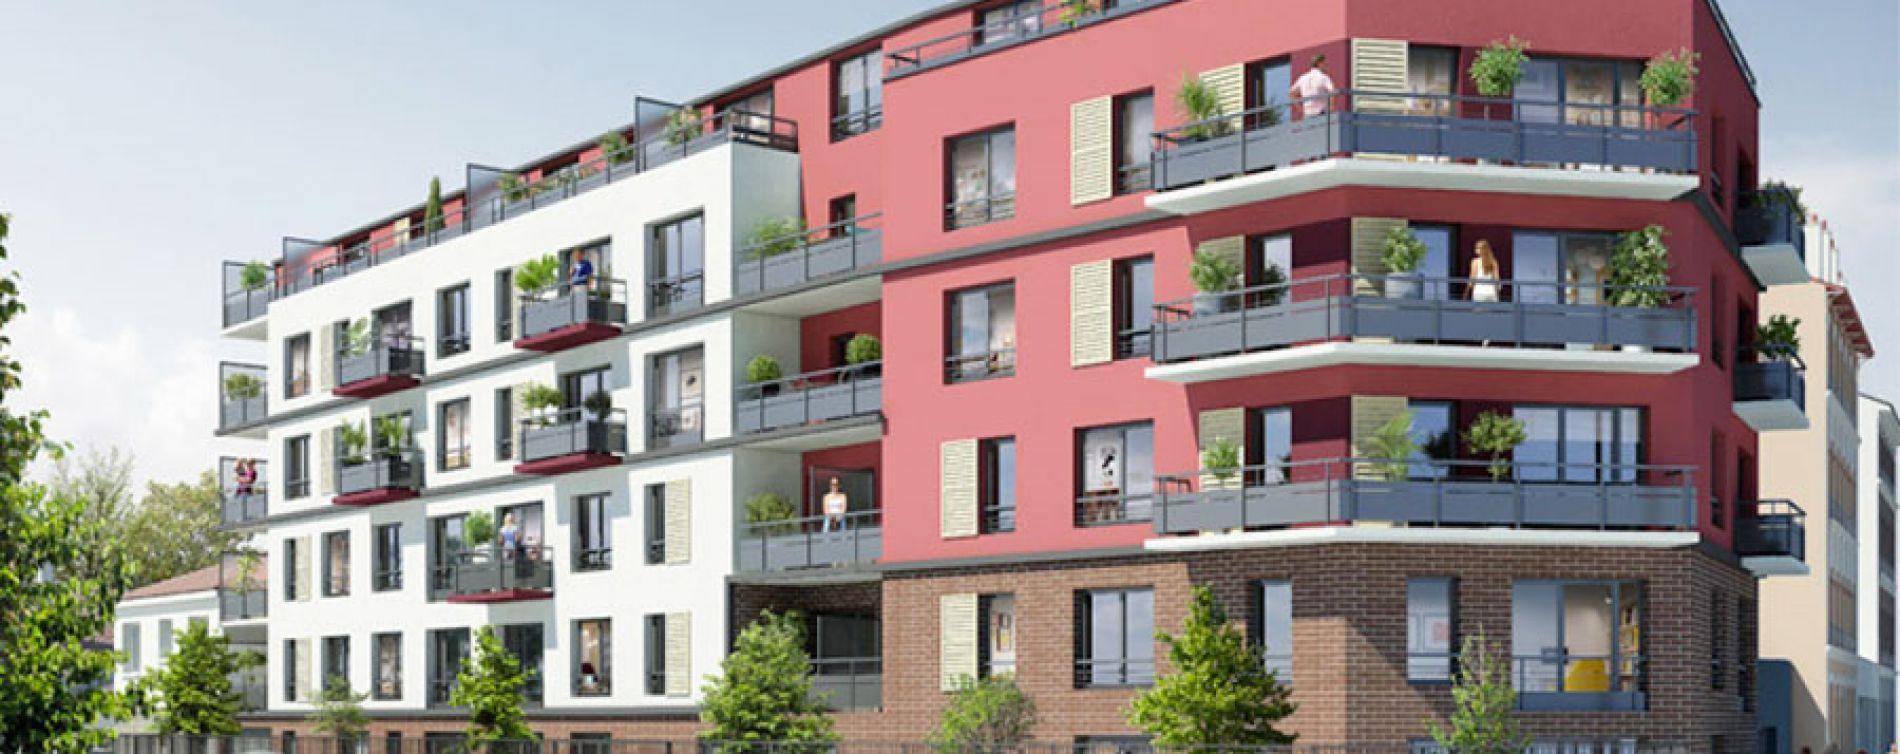 Location de bureaux à Neuilly-Sur-Marne : les bons plans !